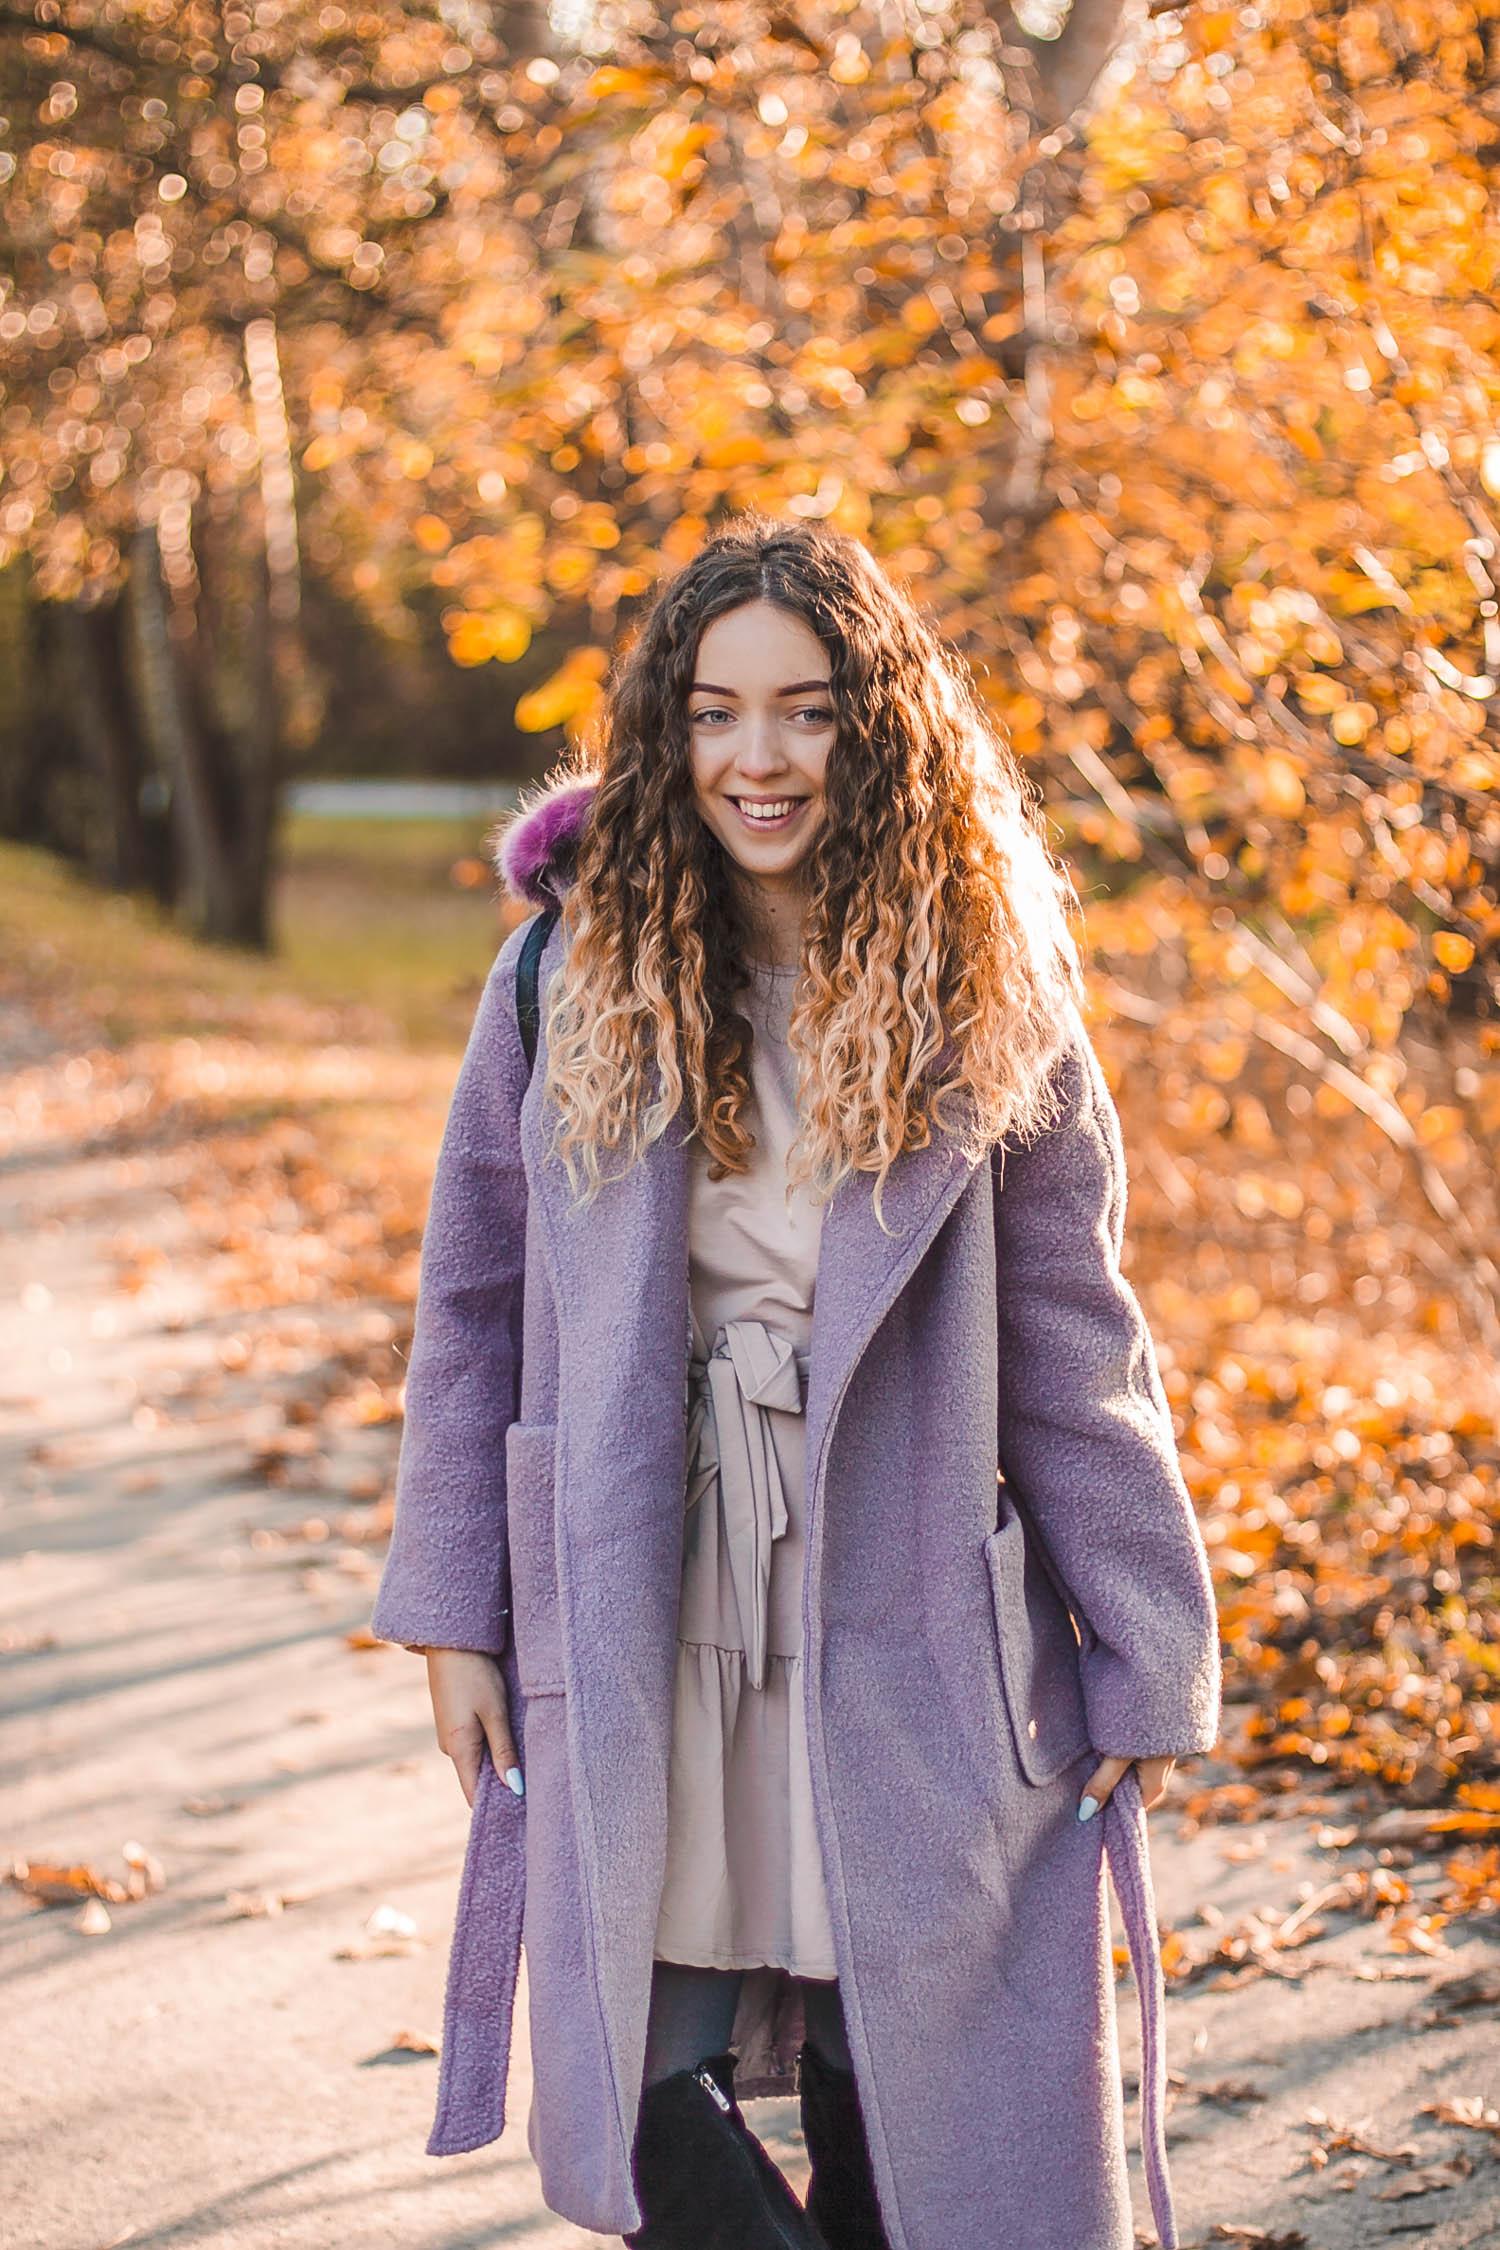 fioletowy płaszcz na jesień